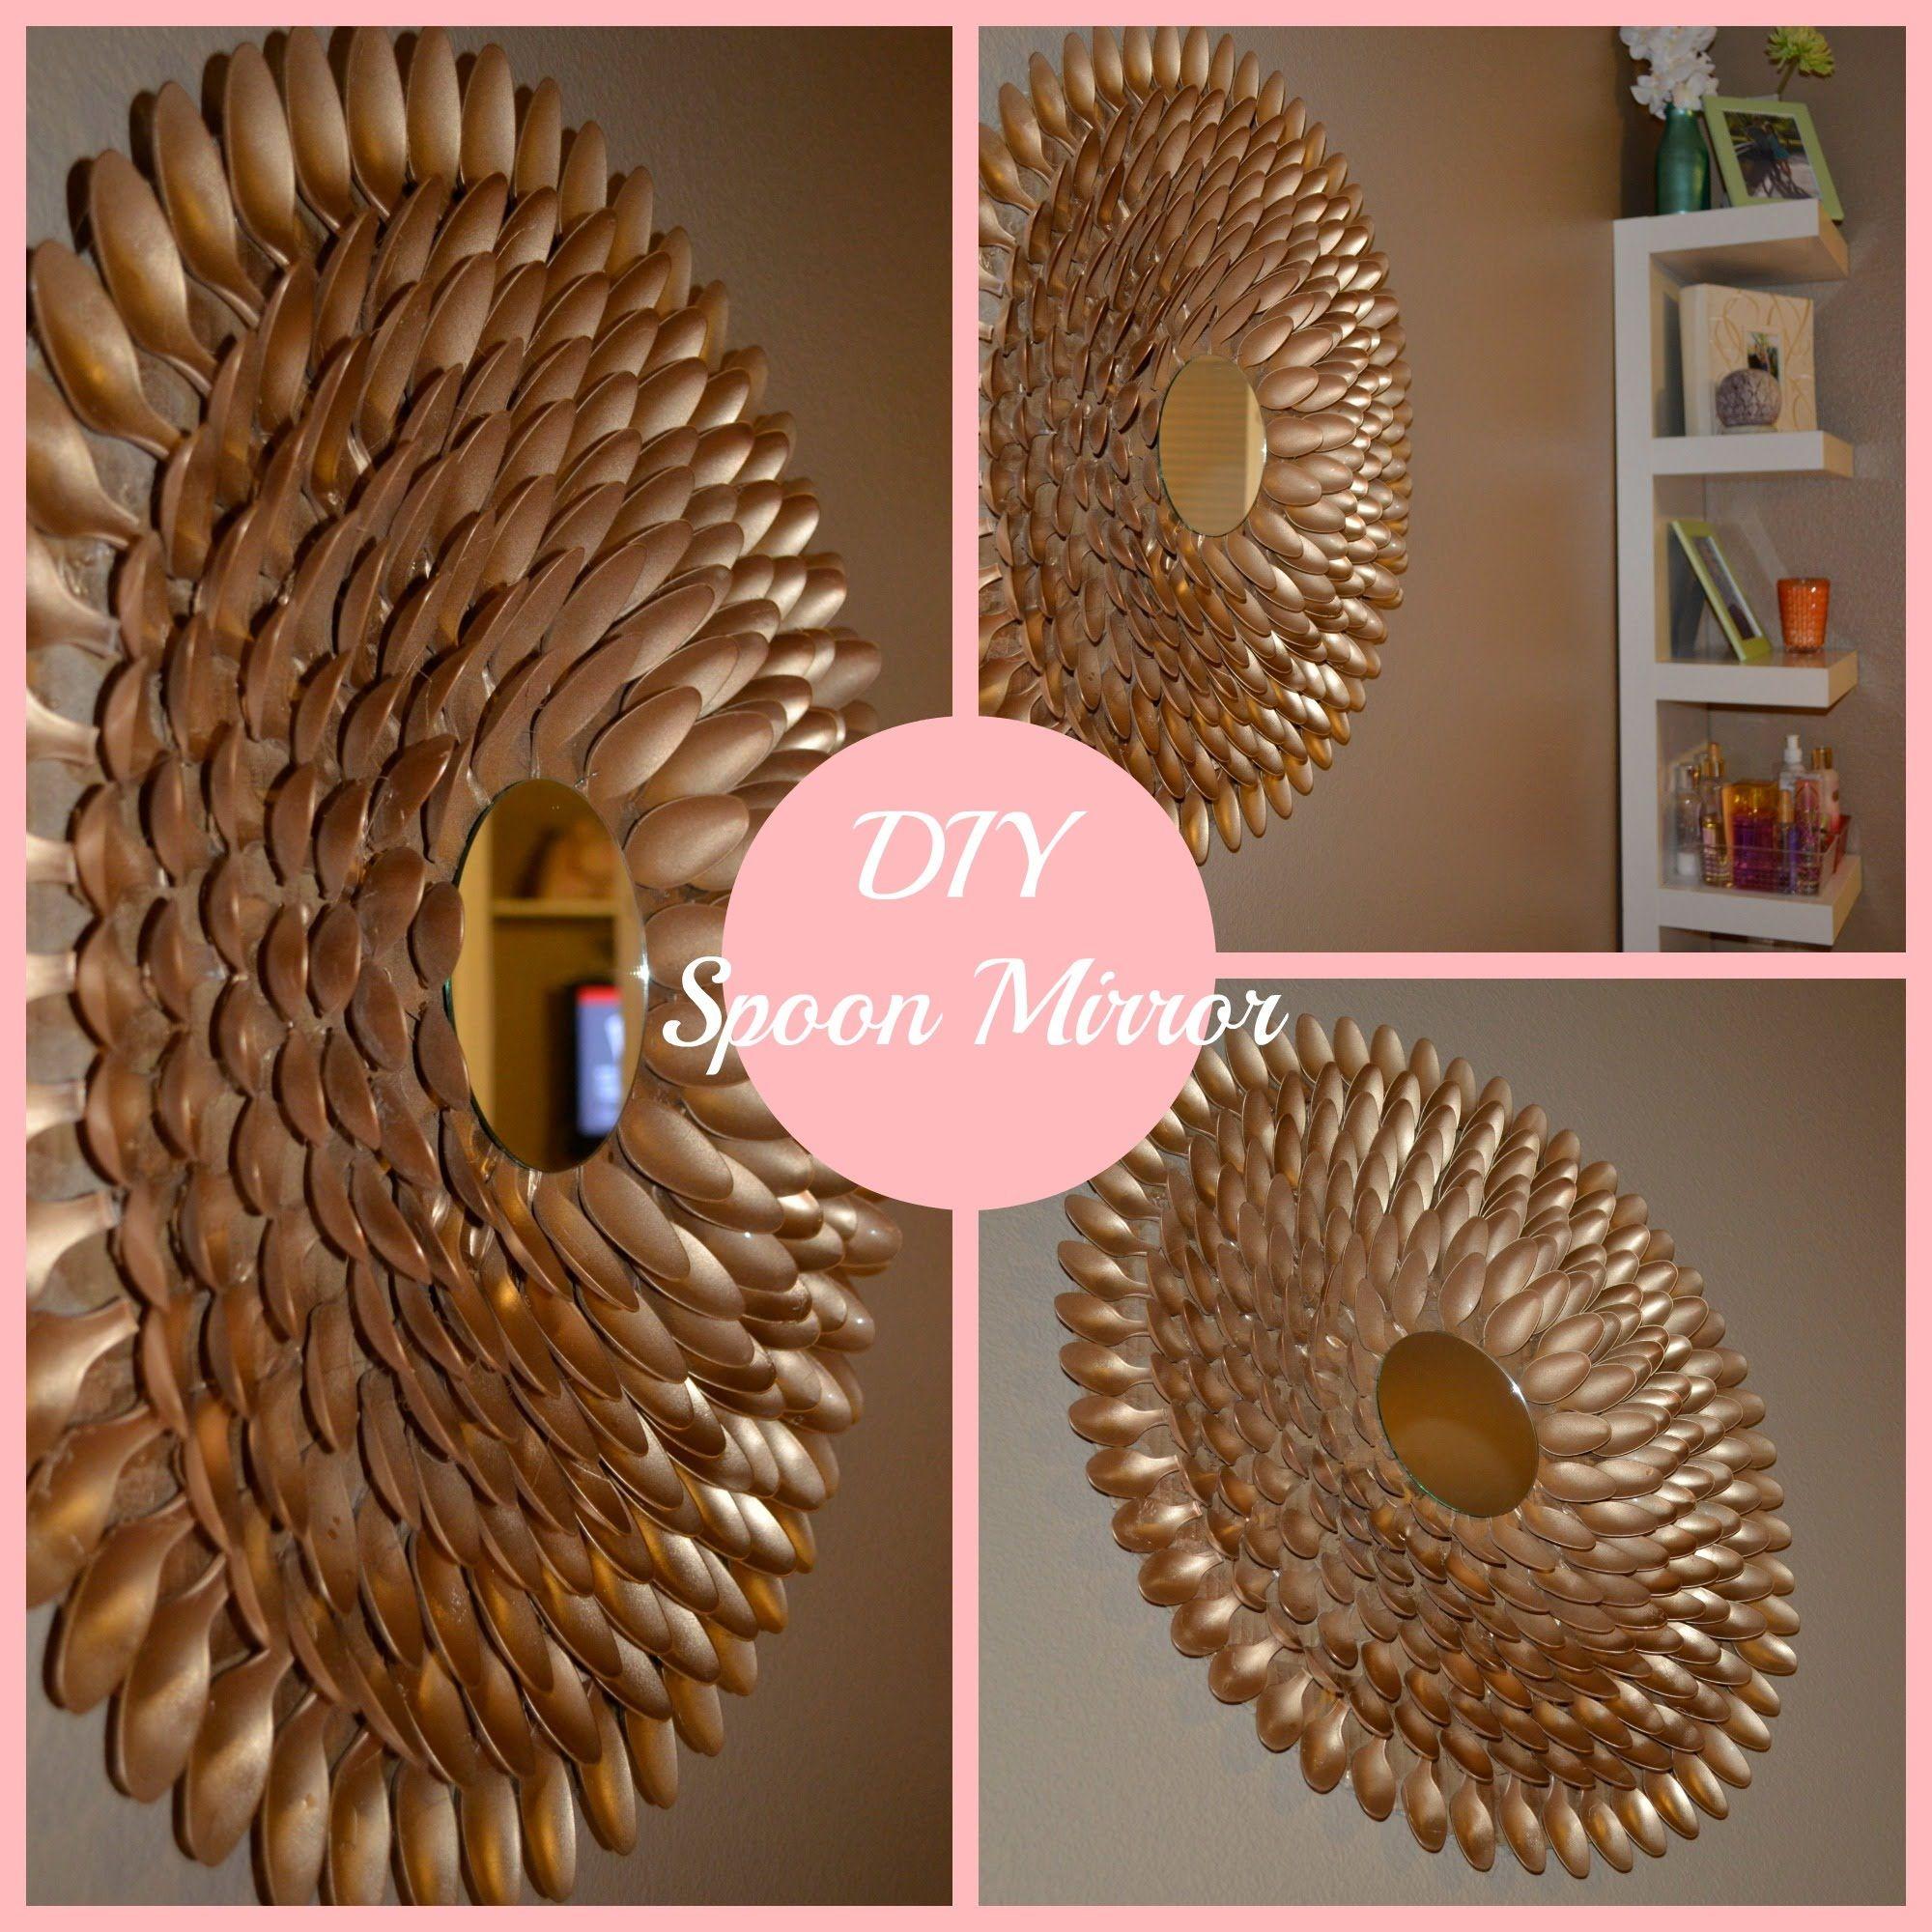 DIY Spoon Mirror Wall Decor | Diy spoon mirror, Diy mirror ...